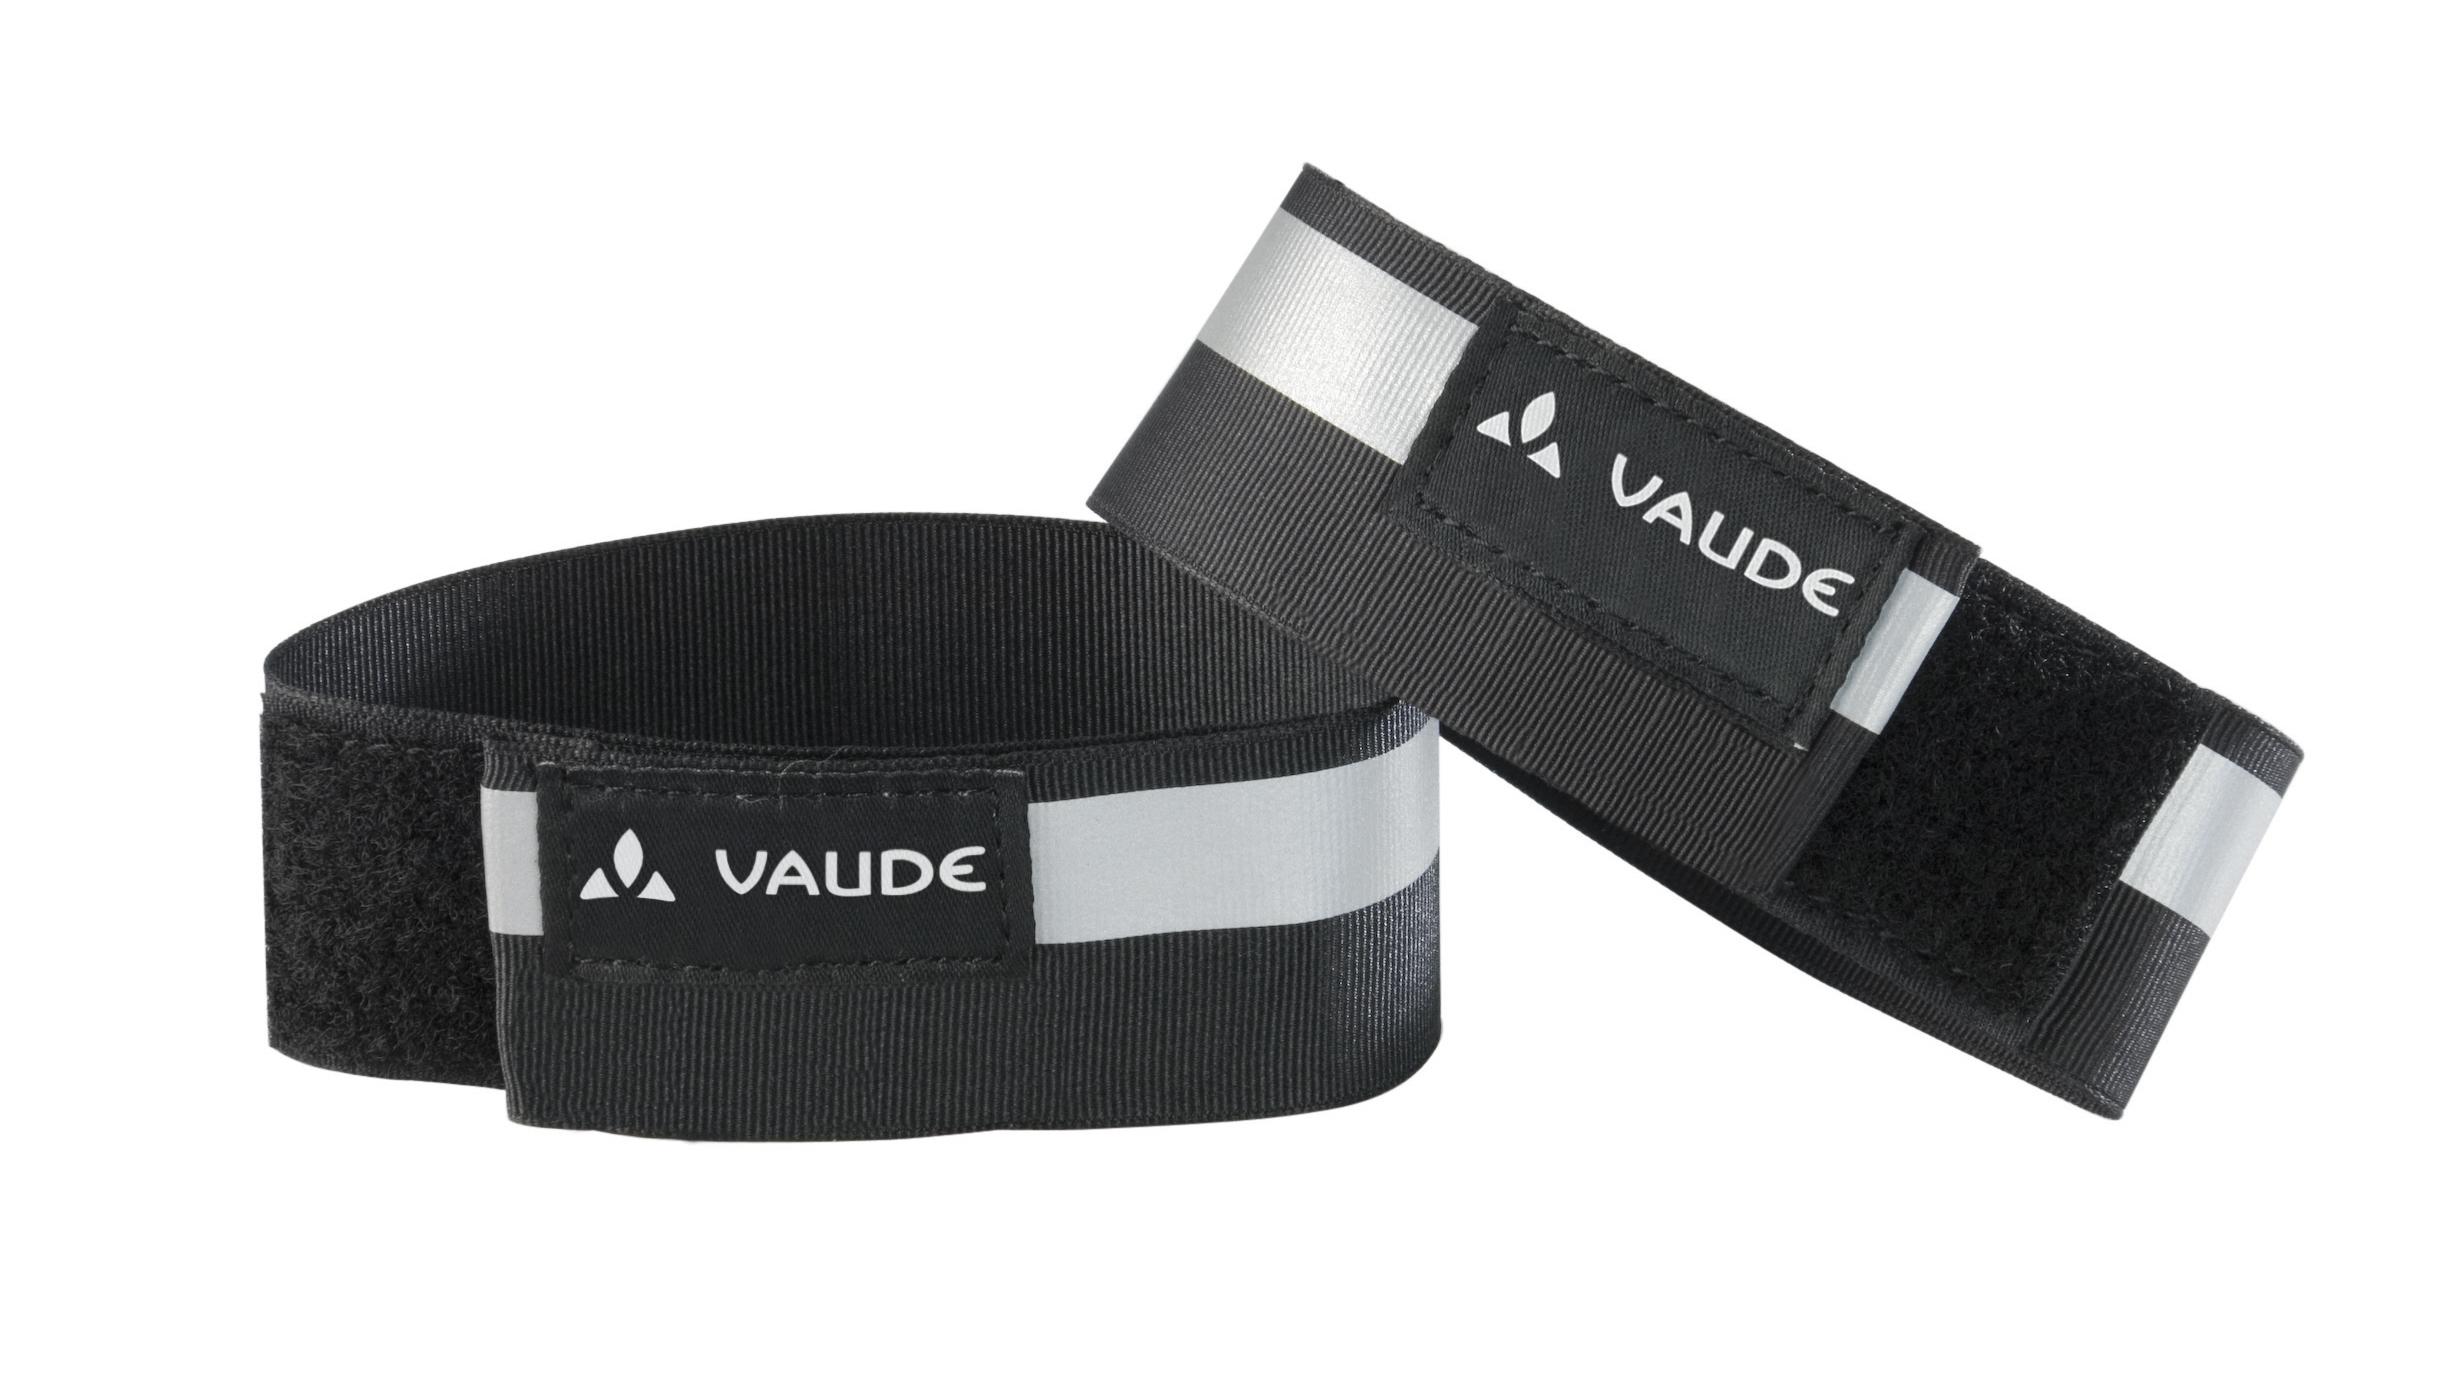 VAUDE Reflective cuffs black Größe  - schneider-sports